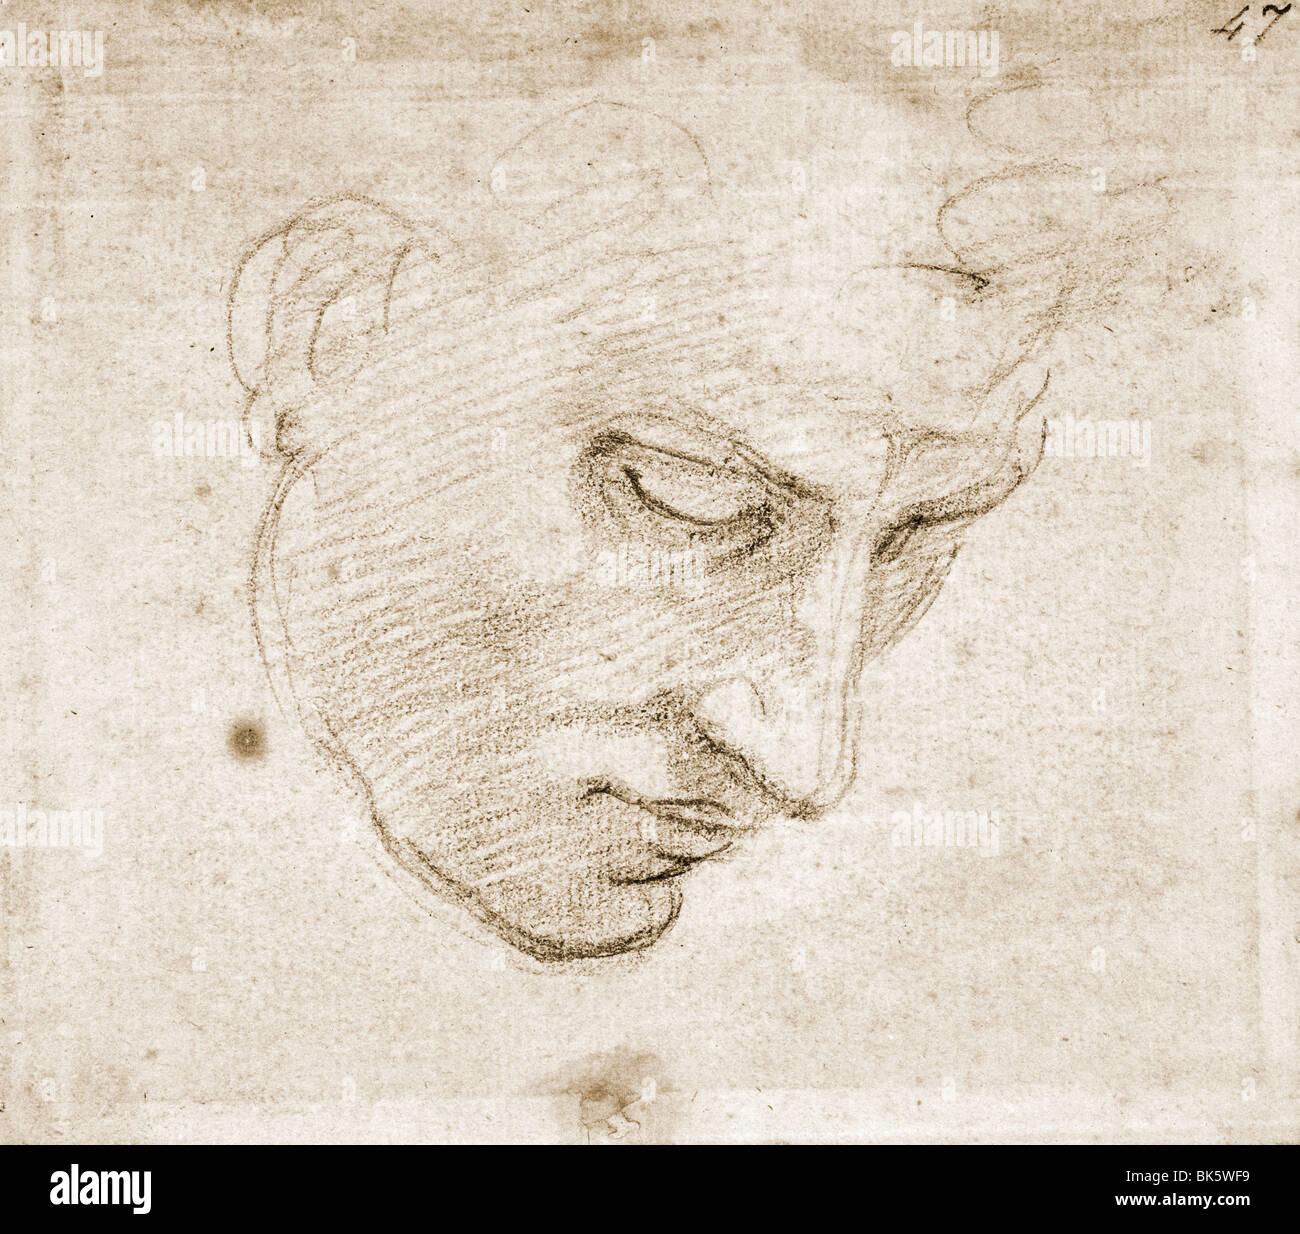 Michelangelo Buonarroti 1475 1564 Imágenes De Stock & Michelangelo ...